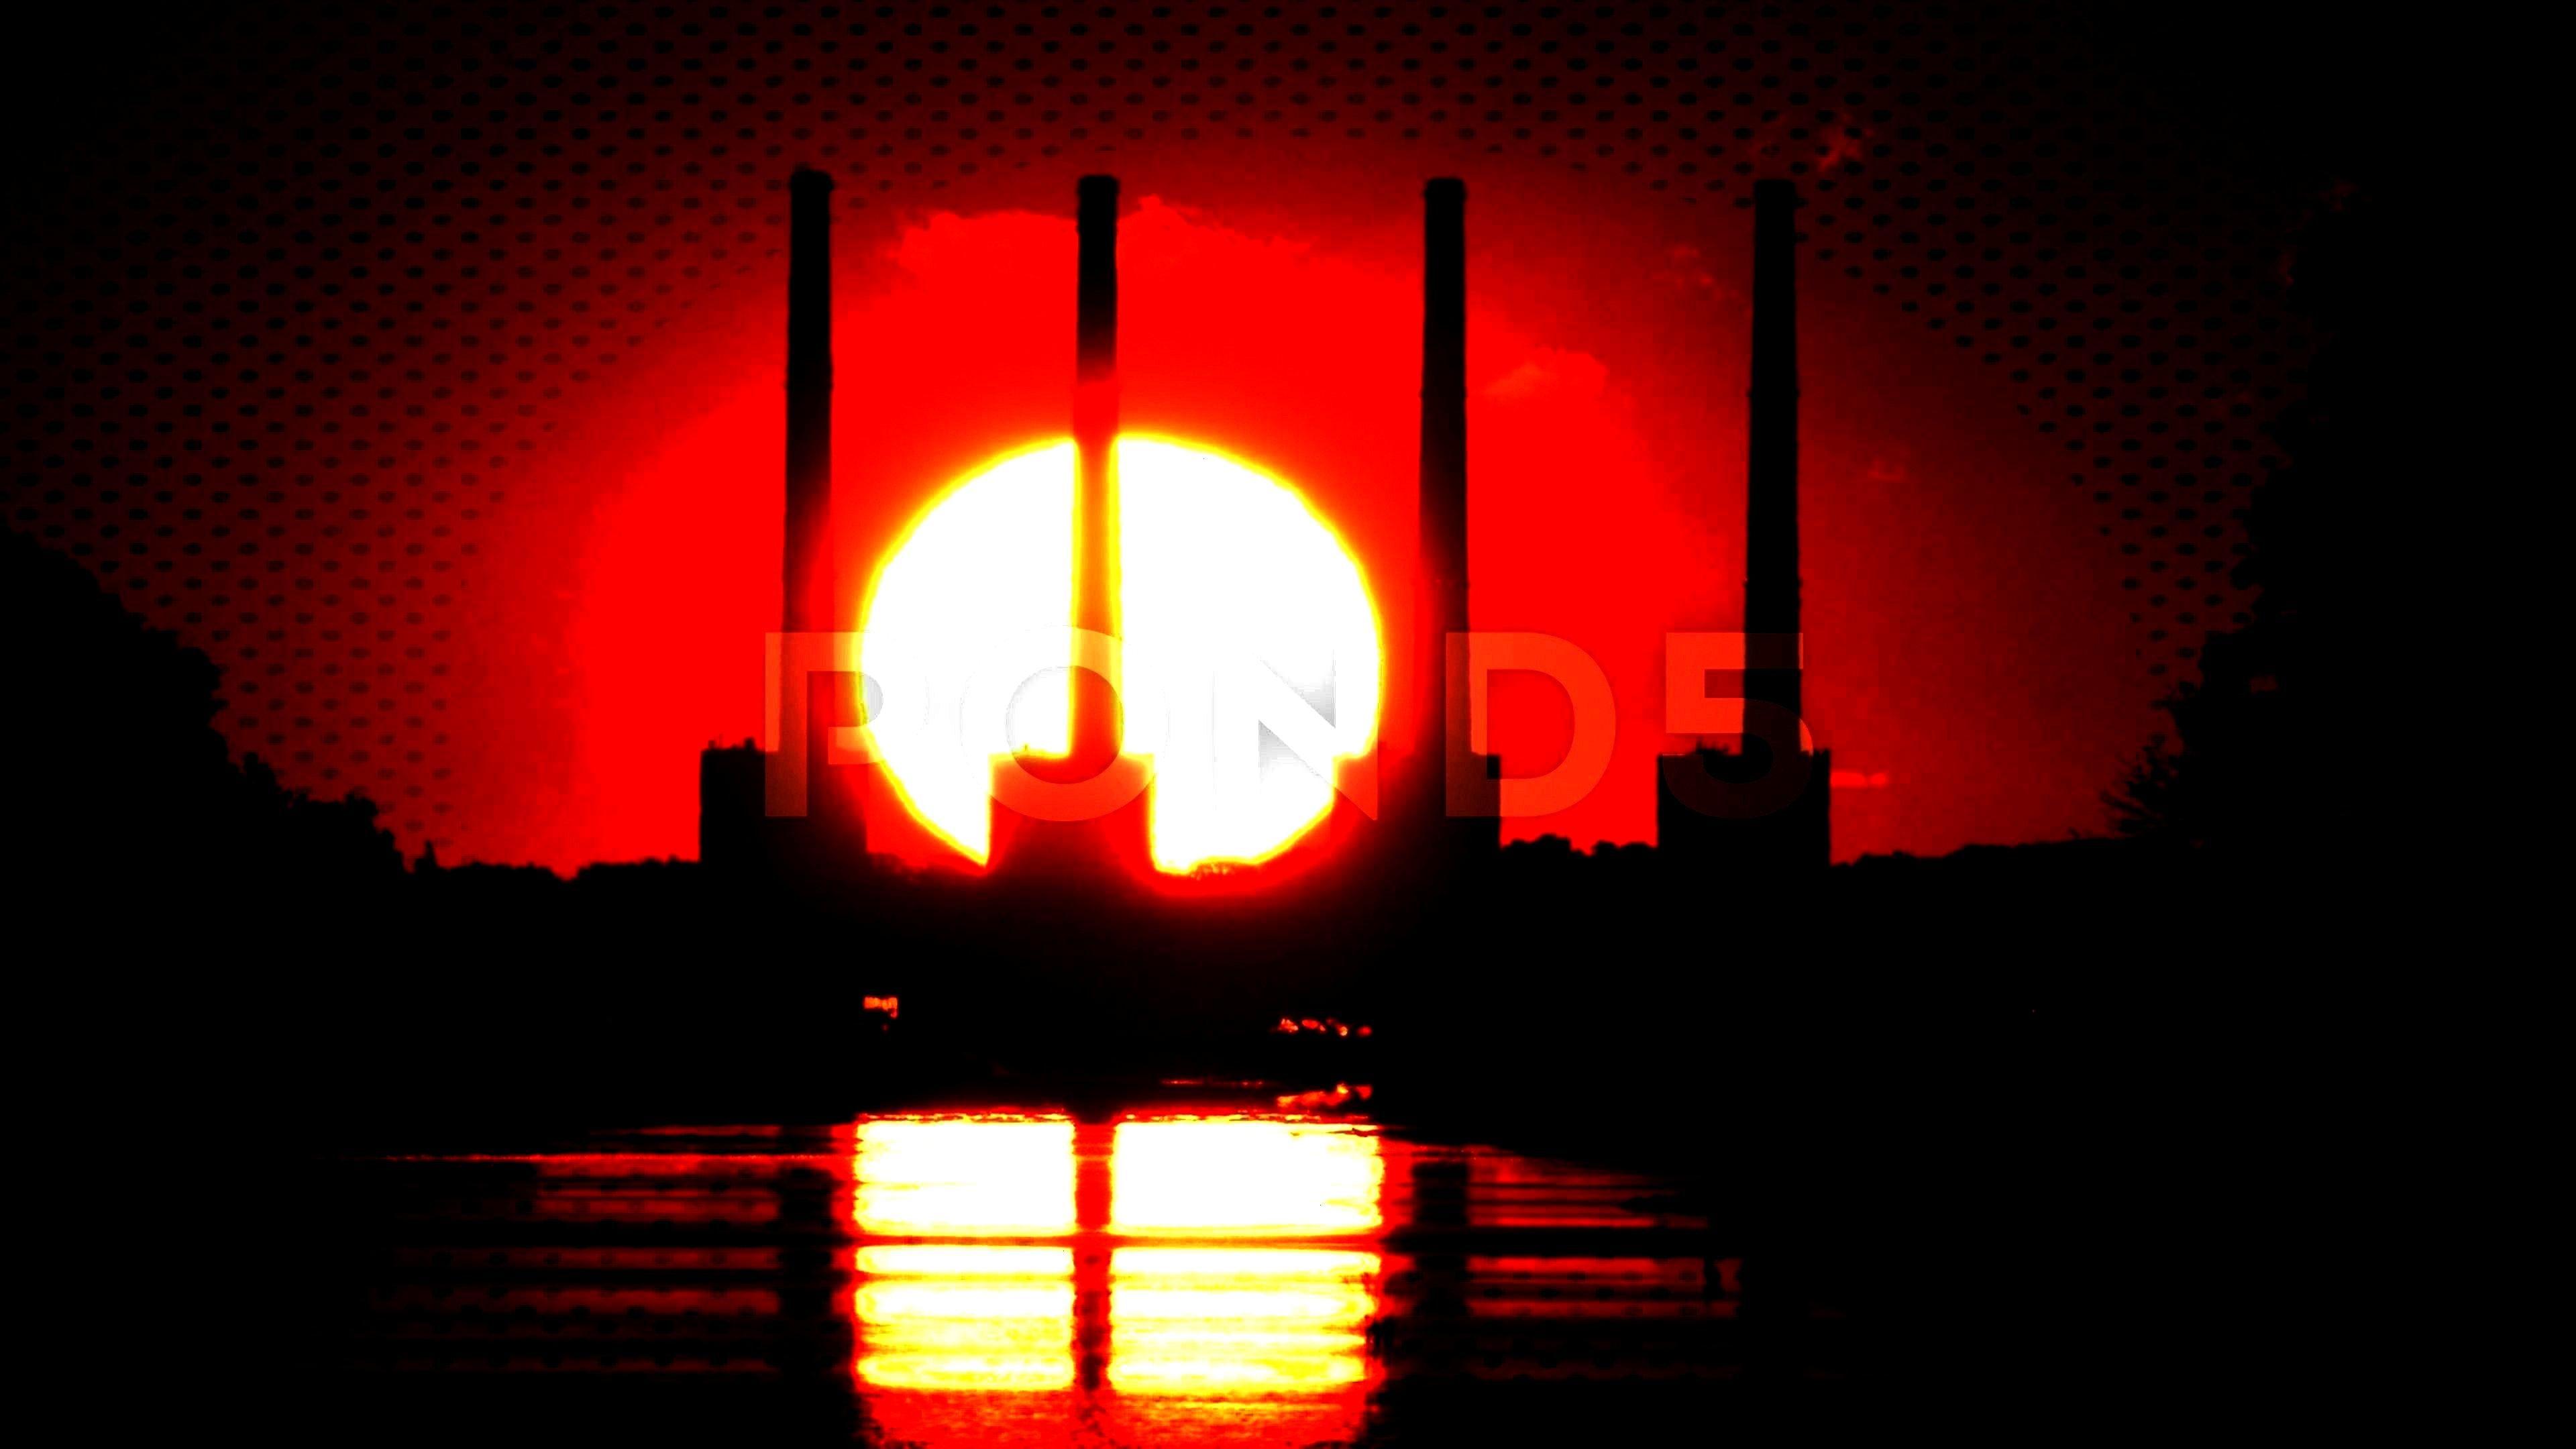 Footage ,#smoke#Sunrises#stacks#FootageSunrises behind smoke stacks. Stock Footage ,#smoke#Sunrises